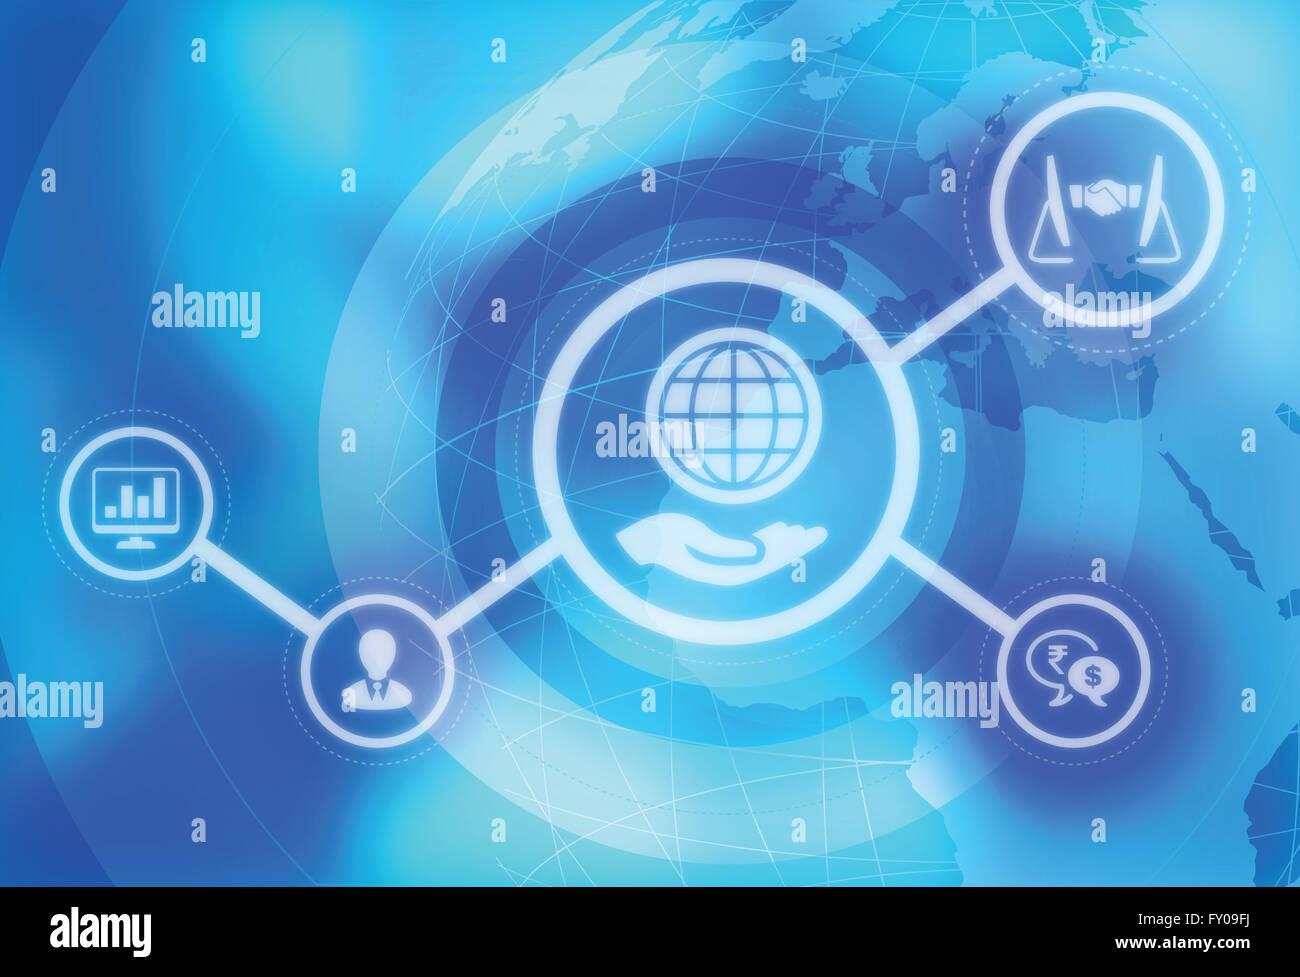 Immagine illustrativa in rappresentanza di globalizzazione aziendali Immagini Stock